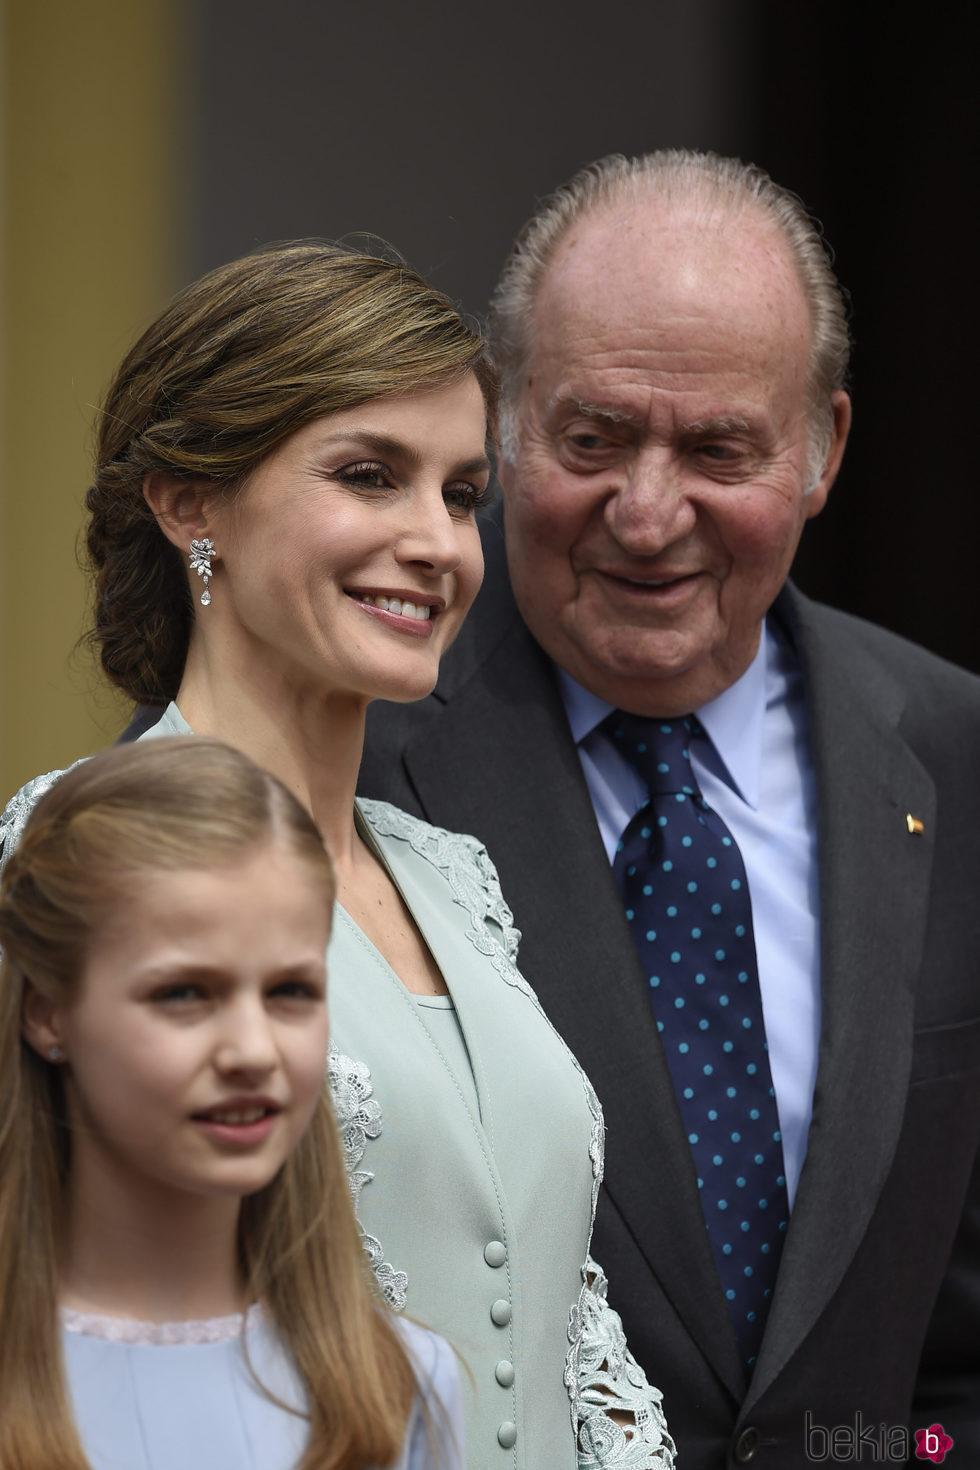 El Rey Juan Carlos y la Reina Letizia, muy sonrientes en la Comunión de la Infanta Sofía